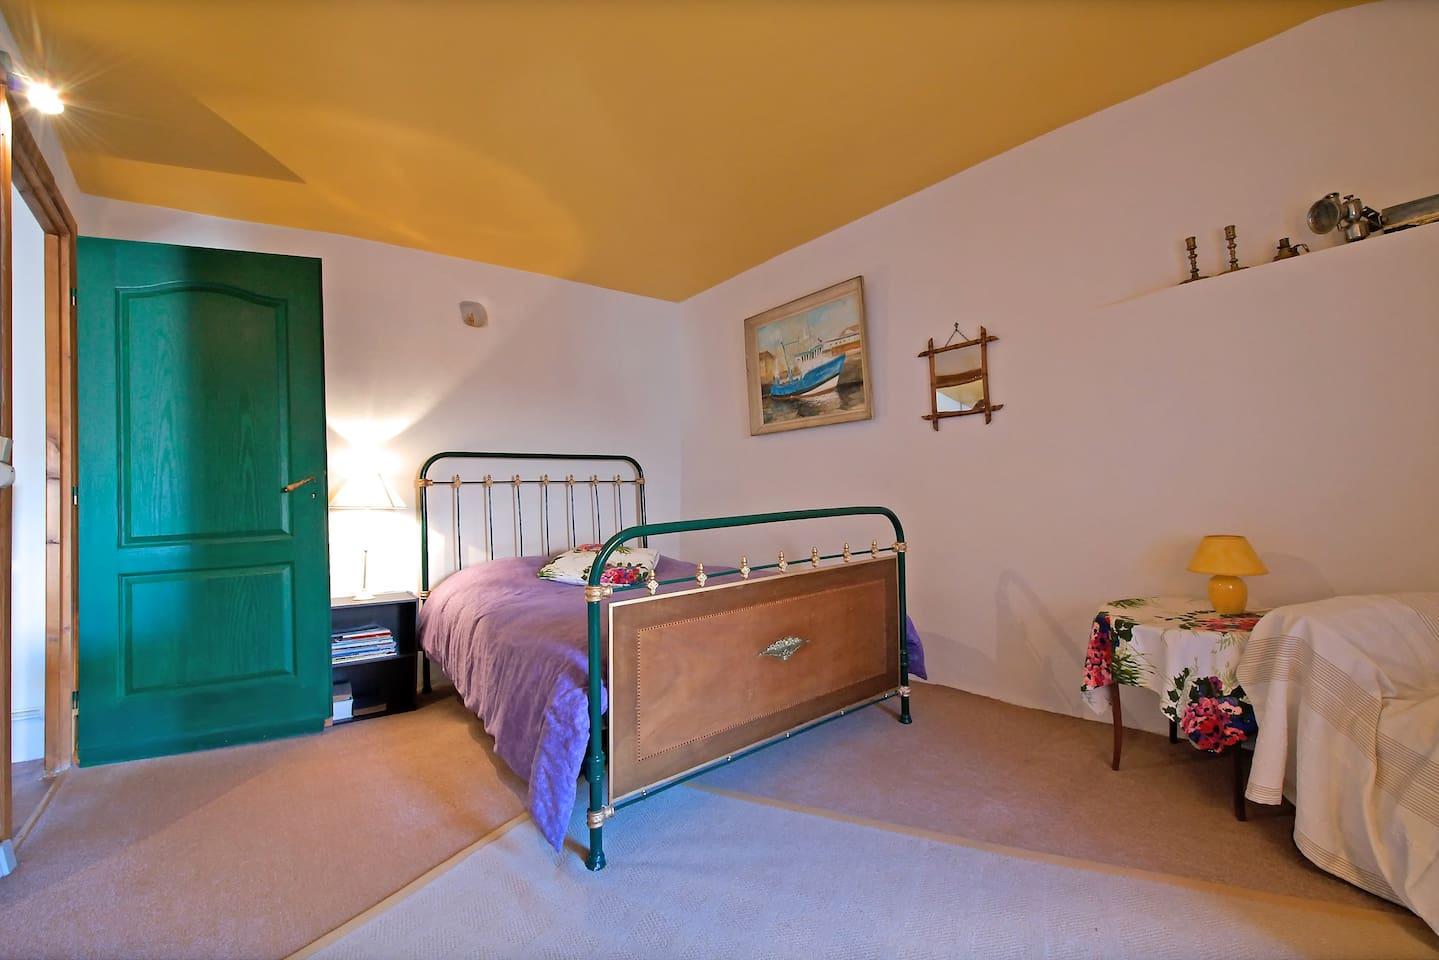 La chambre principale à coté du salon avec canapé  lit pour 2 personnes